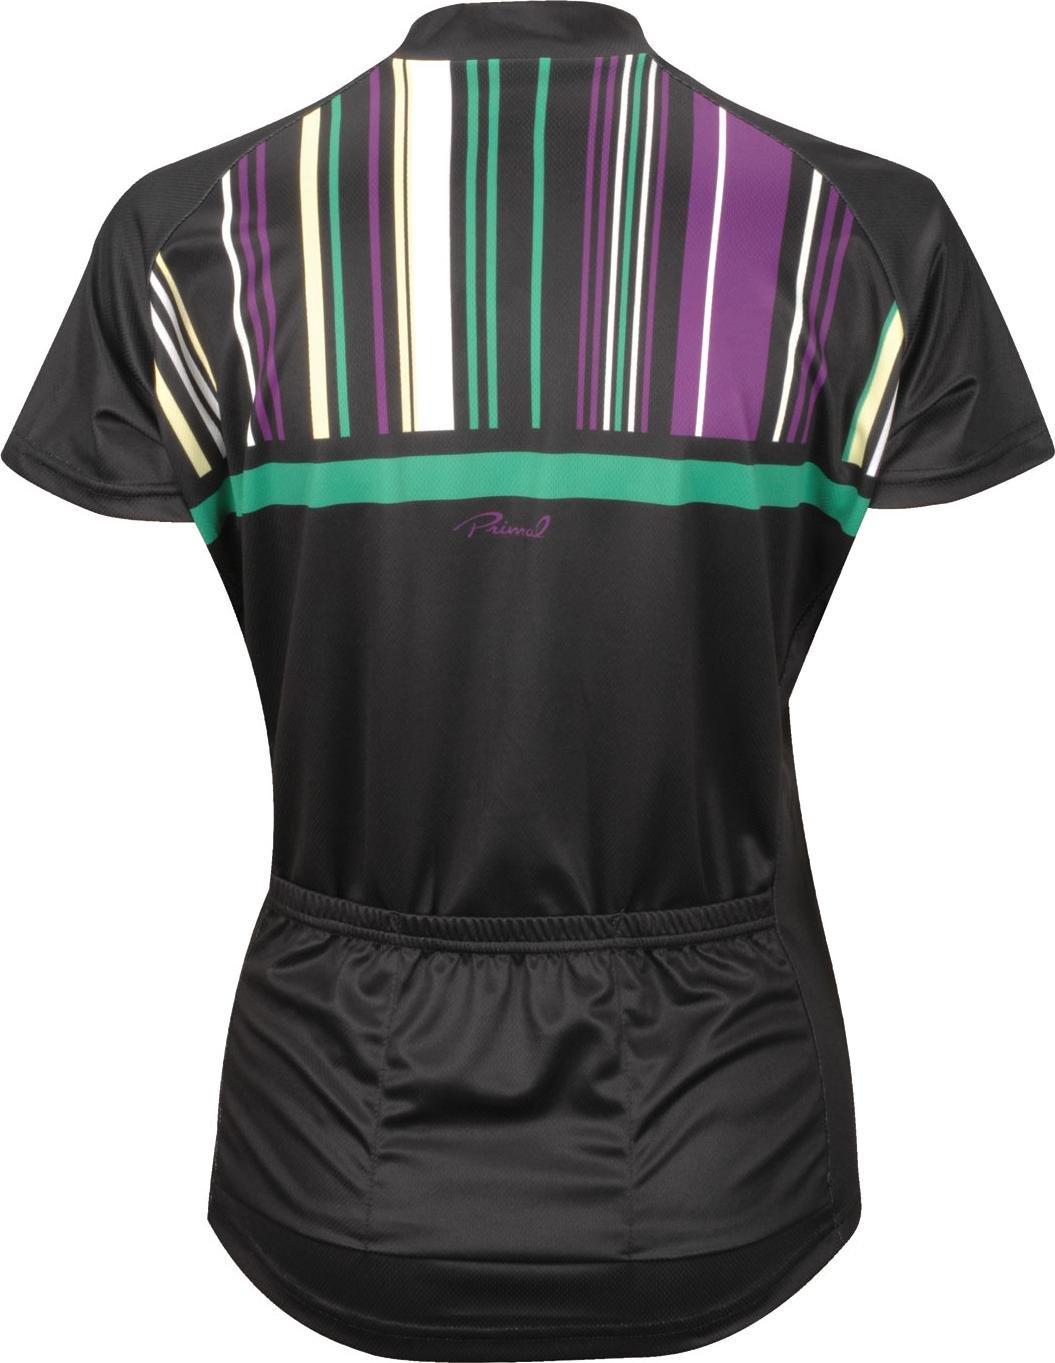 Велофутболка женская Primal Nola Women`s, черная (Размер М (NOL1J60WM))